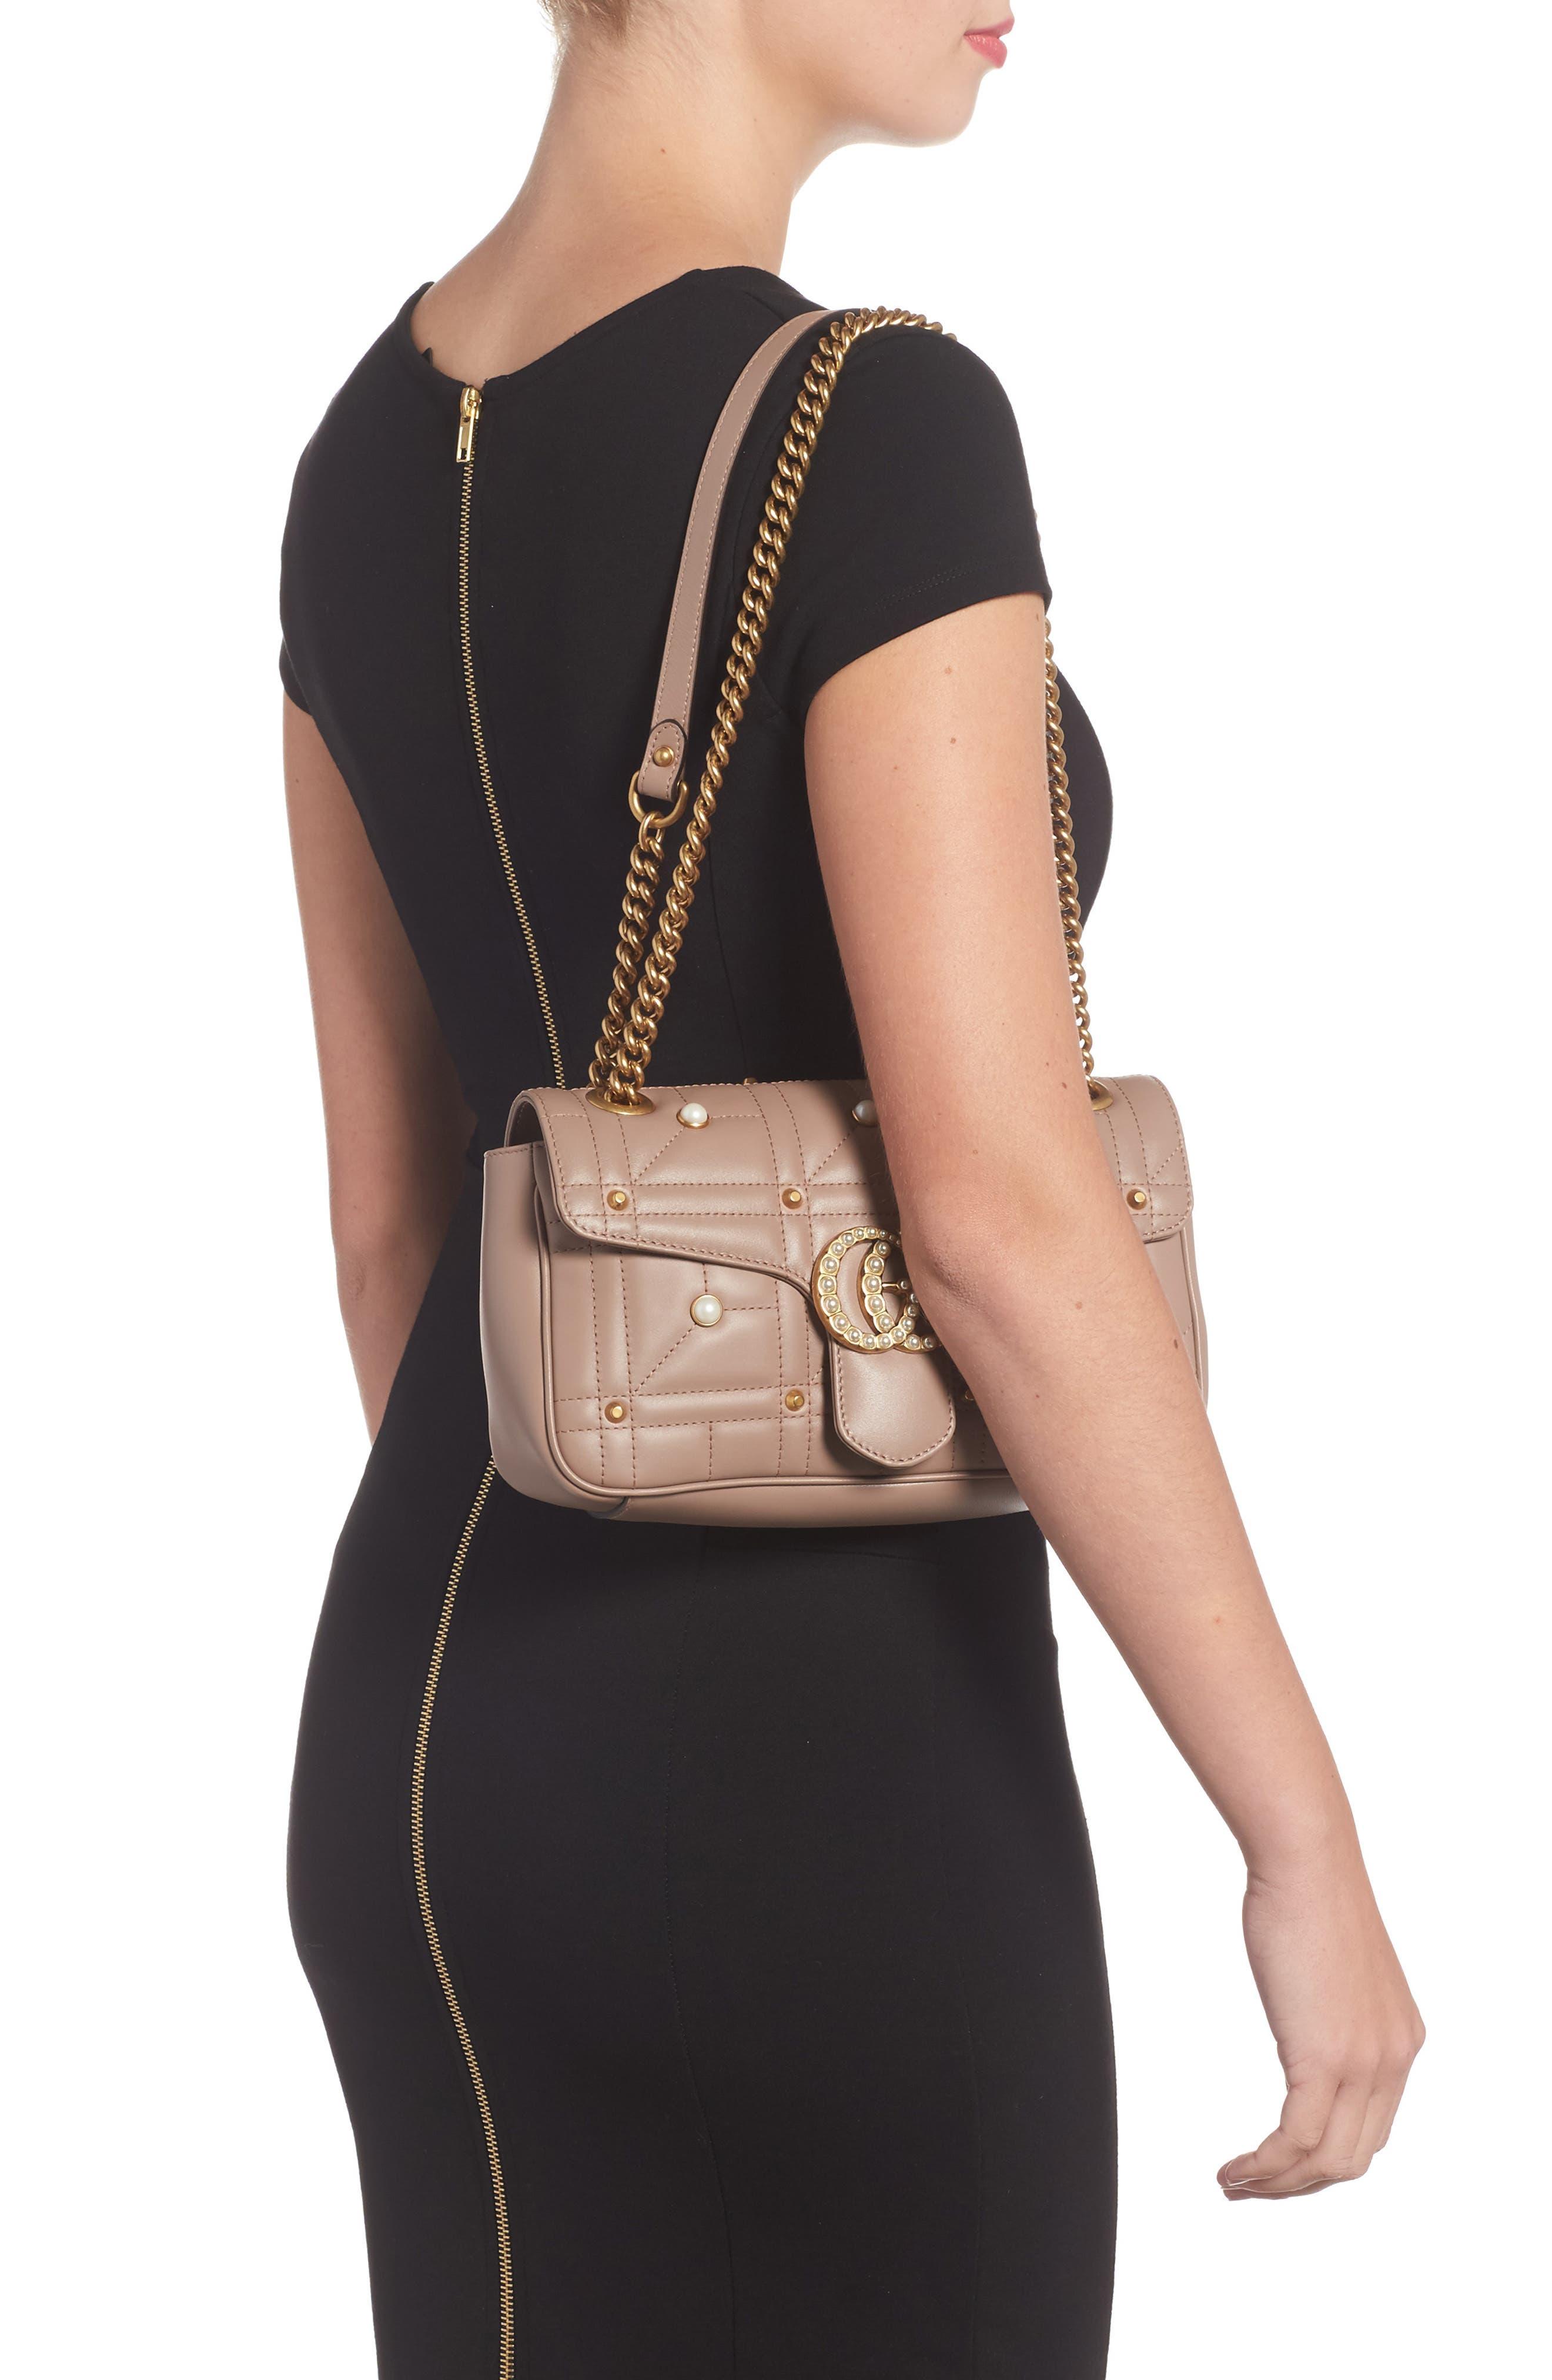 GG Marmont Matelassé Imitation Pearl Leather Shoulder Bag,                             Alternate thumbnail 4, color,